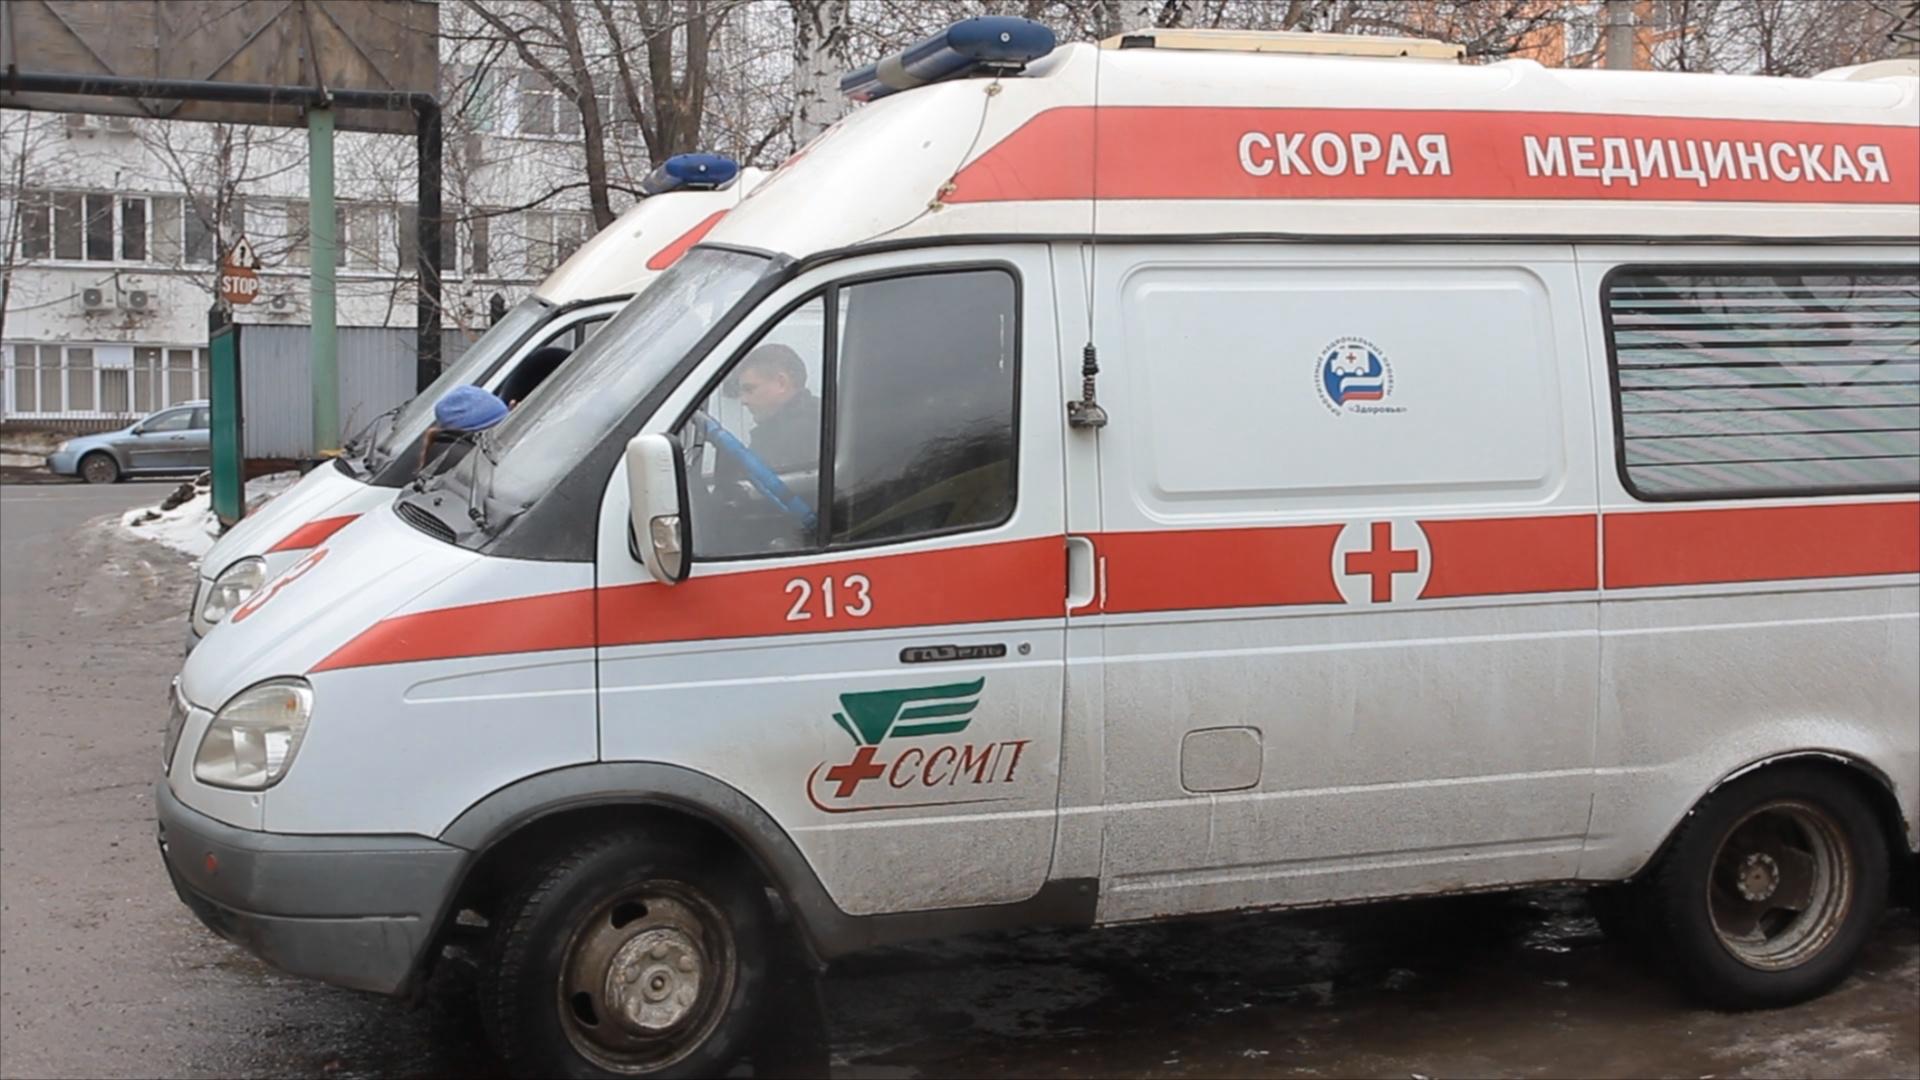 ВБашкирии 8-летний парень  скончался вдетском лагере